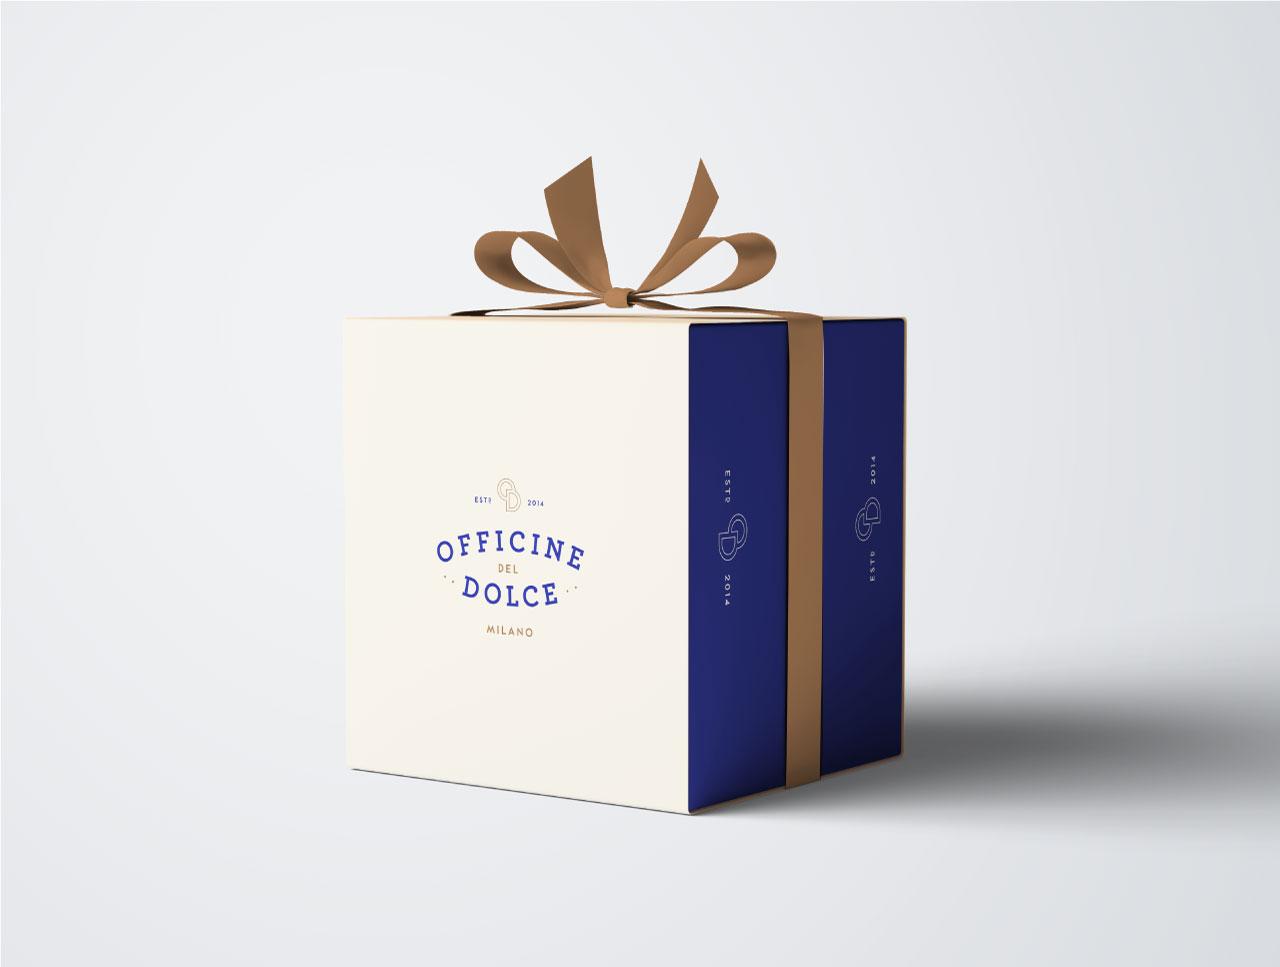 officine-del-dolce-packaging-4